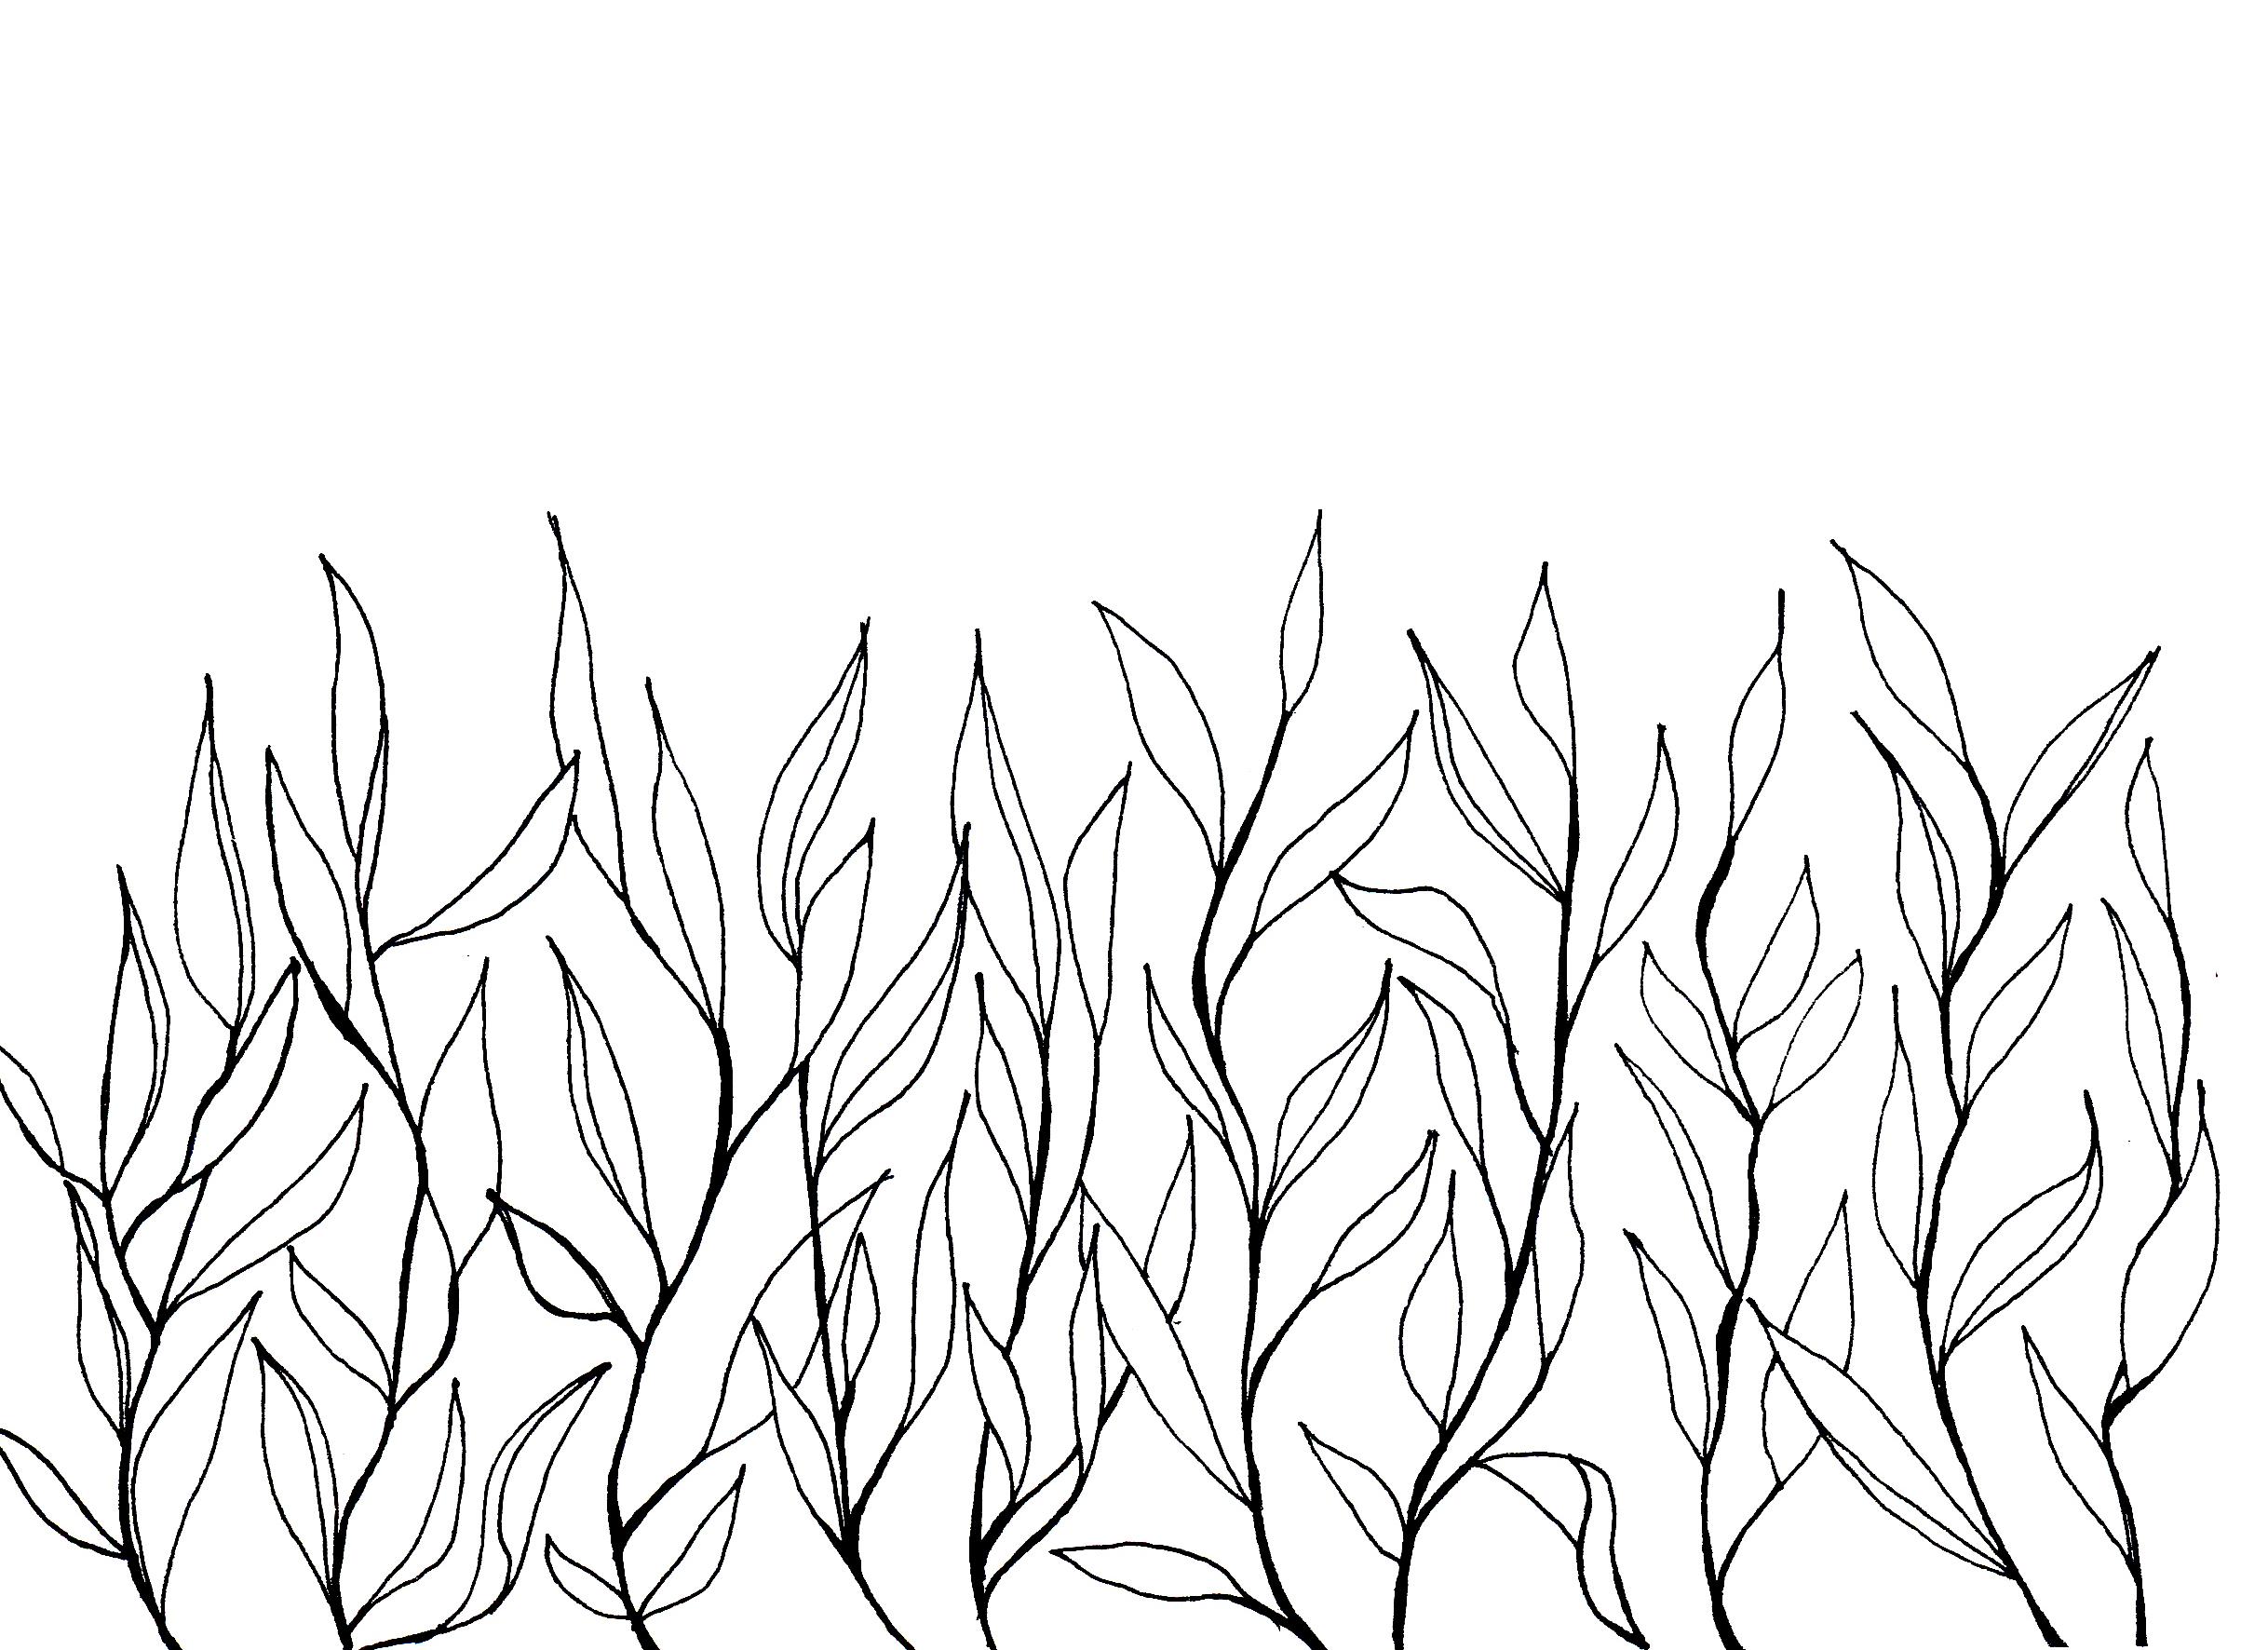 Drawn grass simple #flower #flower  #wild hand